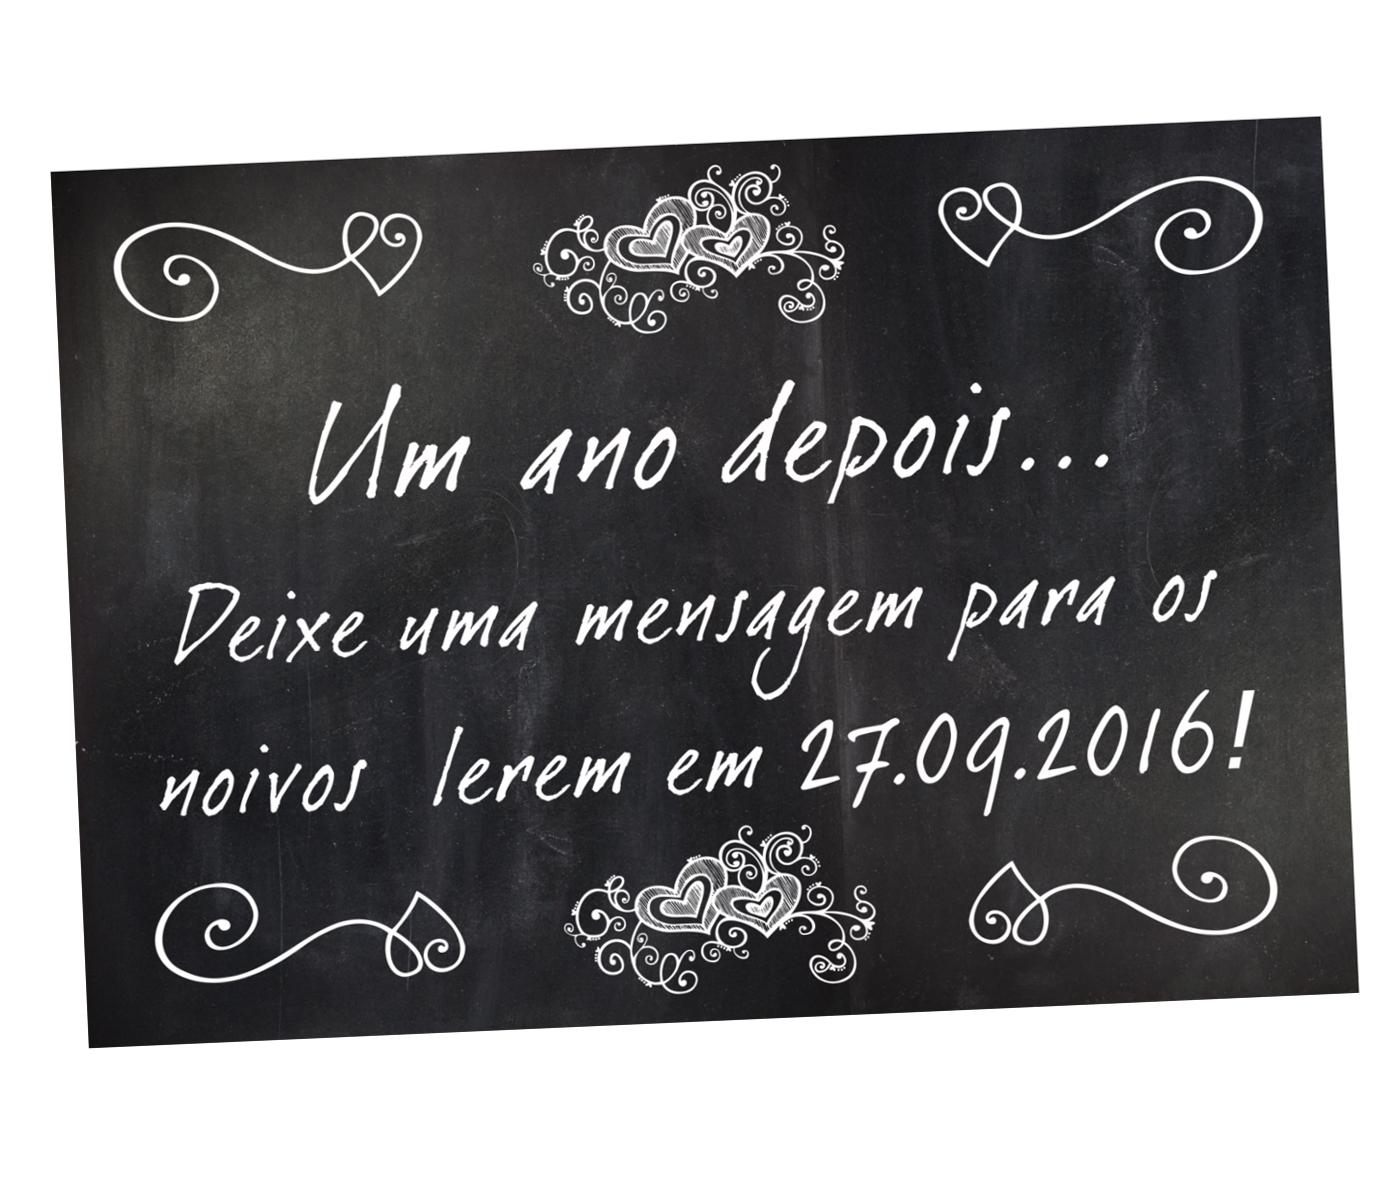 Top Placa Um ano depois(Livro mensagem) no Elo7 | Le Mime (593EBB) UY04